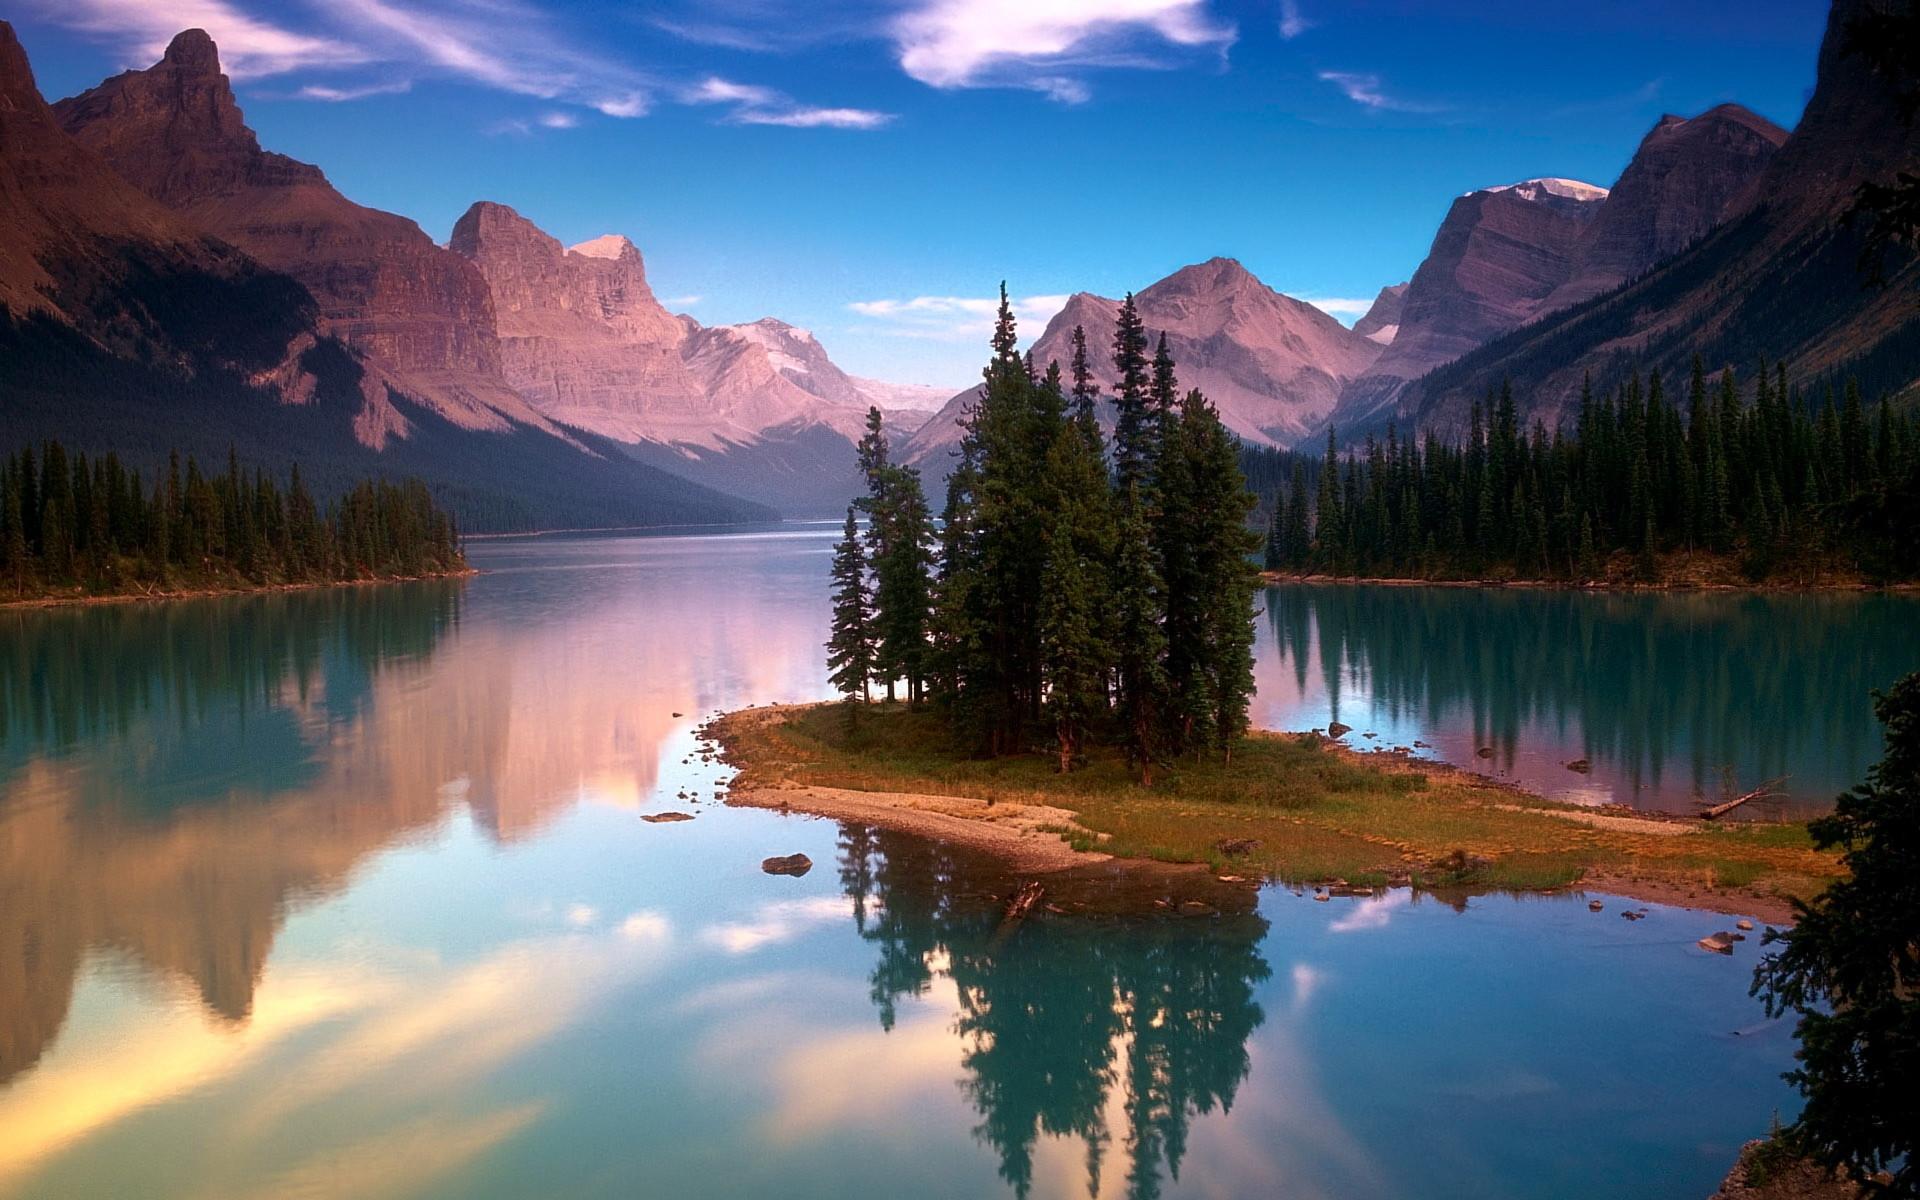 Sfondi belli per pc 70 immagini for Immagini invernali per sfondo desktop